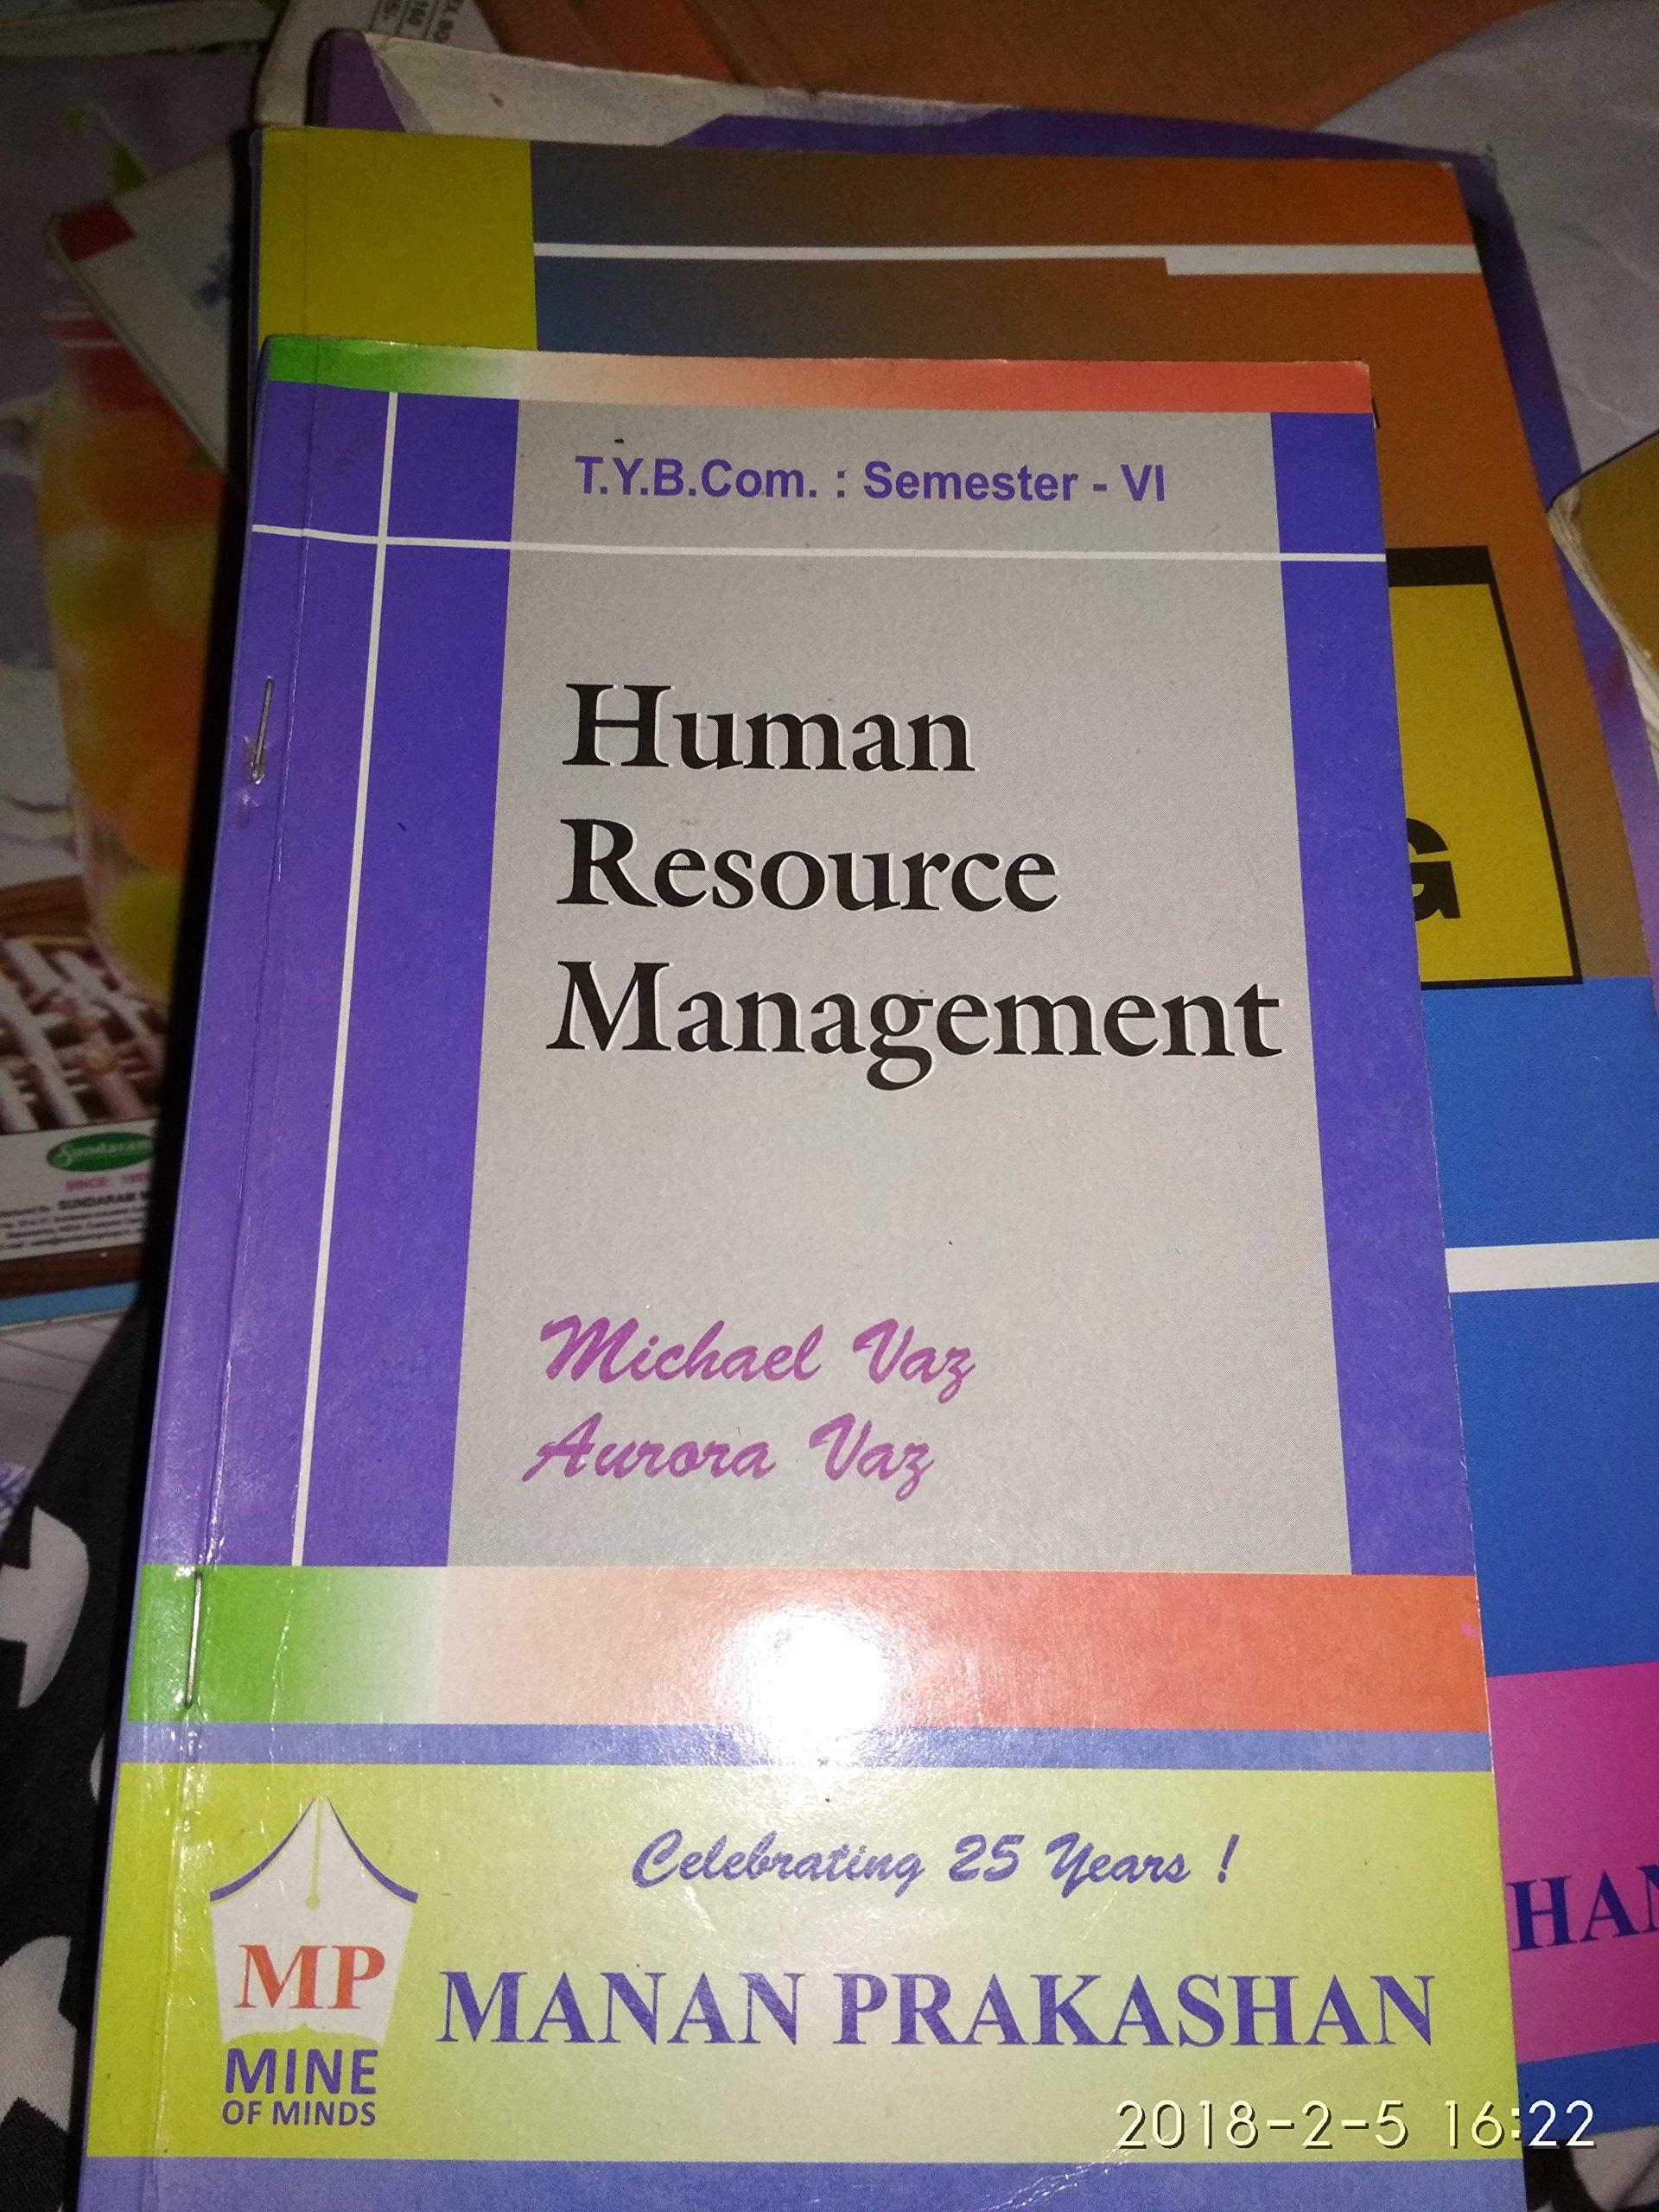 MANAN PRAKASHAN BOOKS TYBCOM PDF